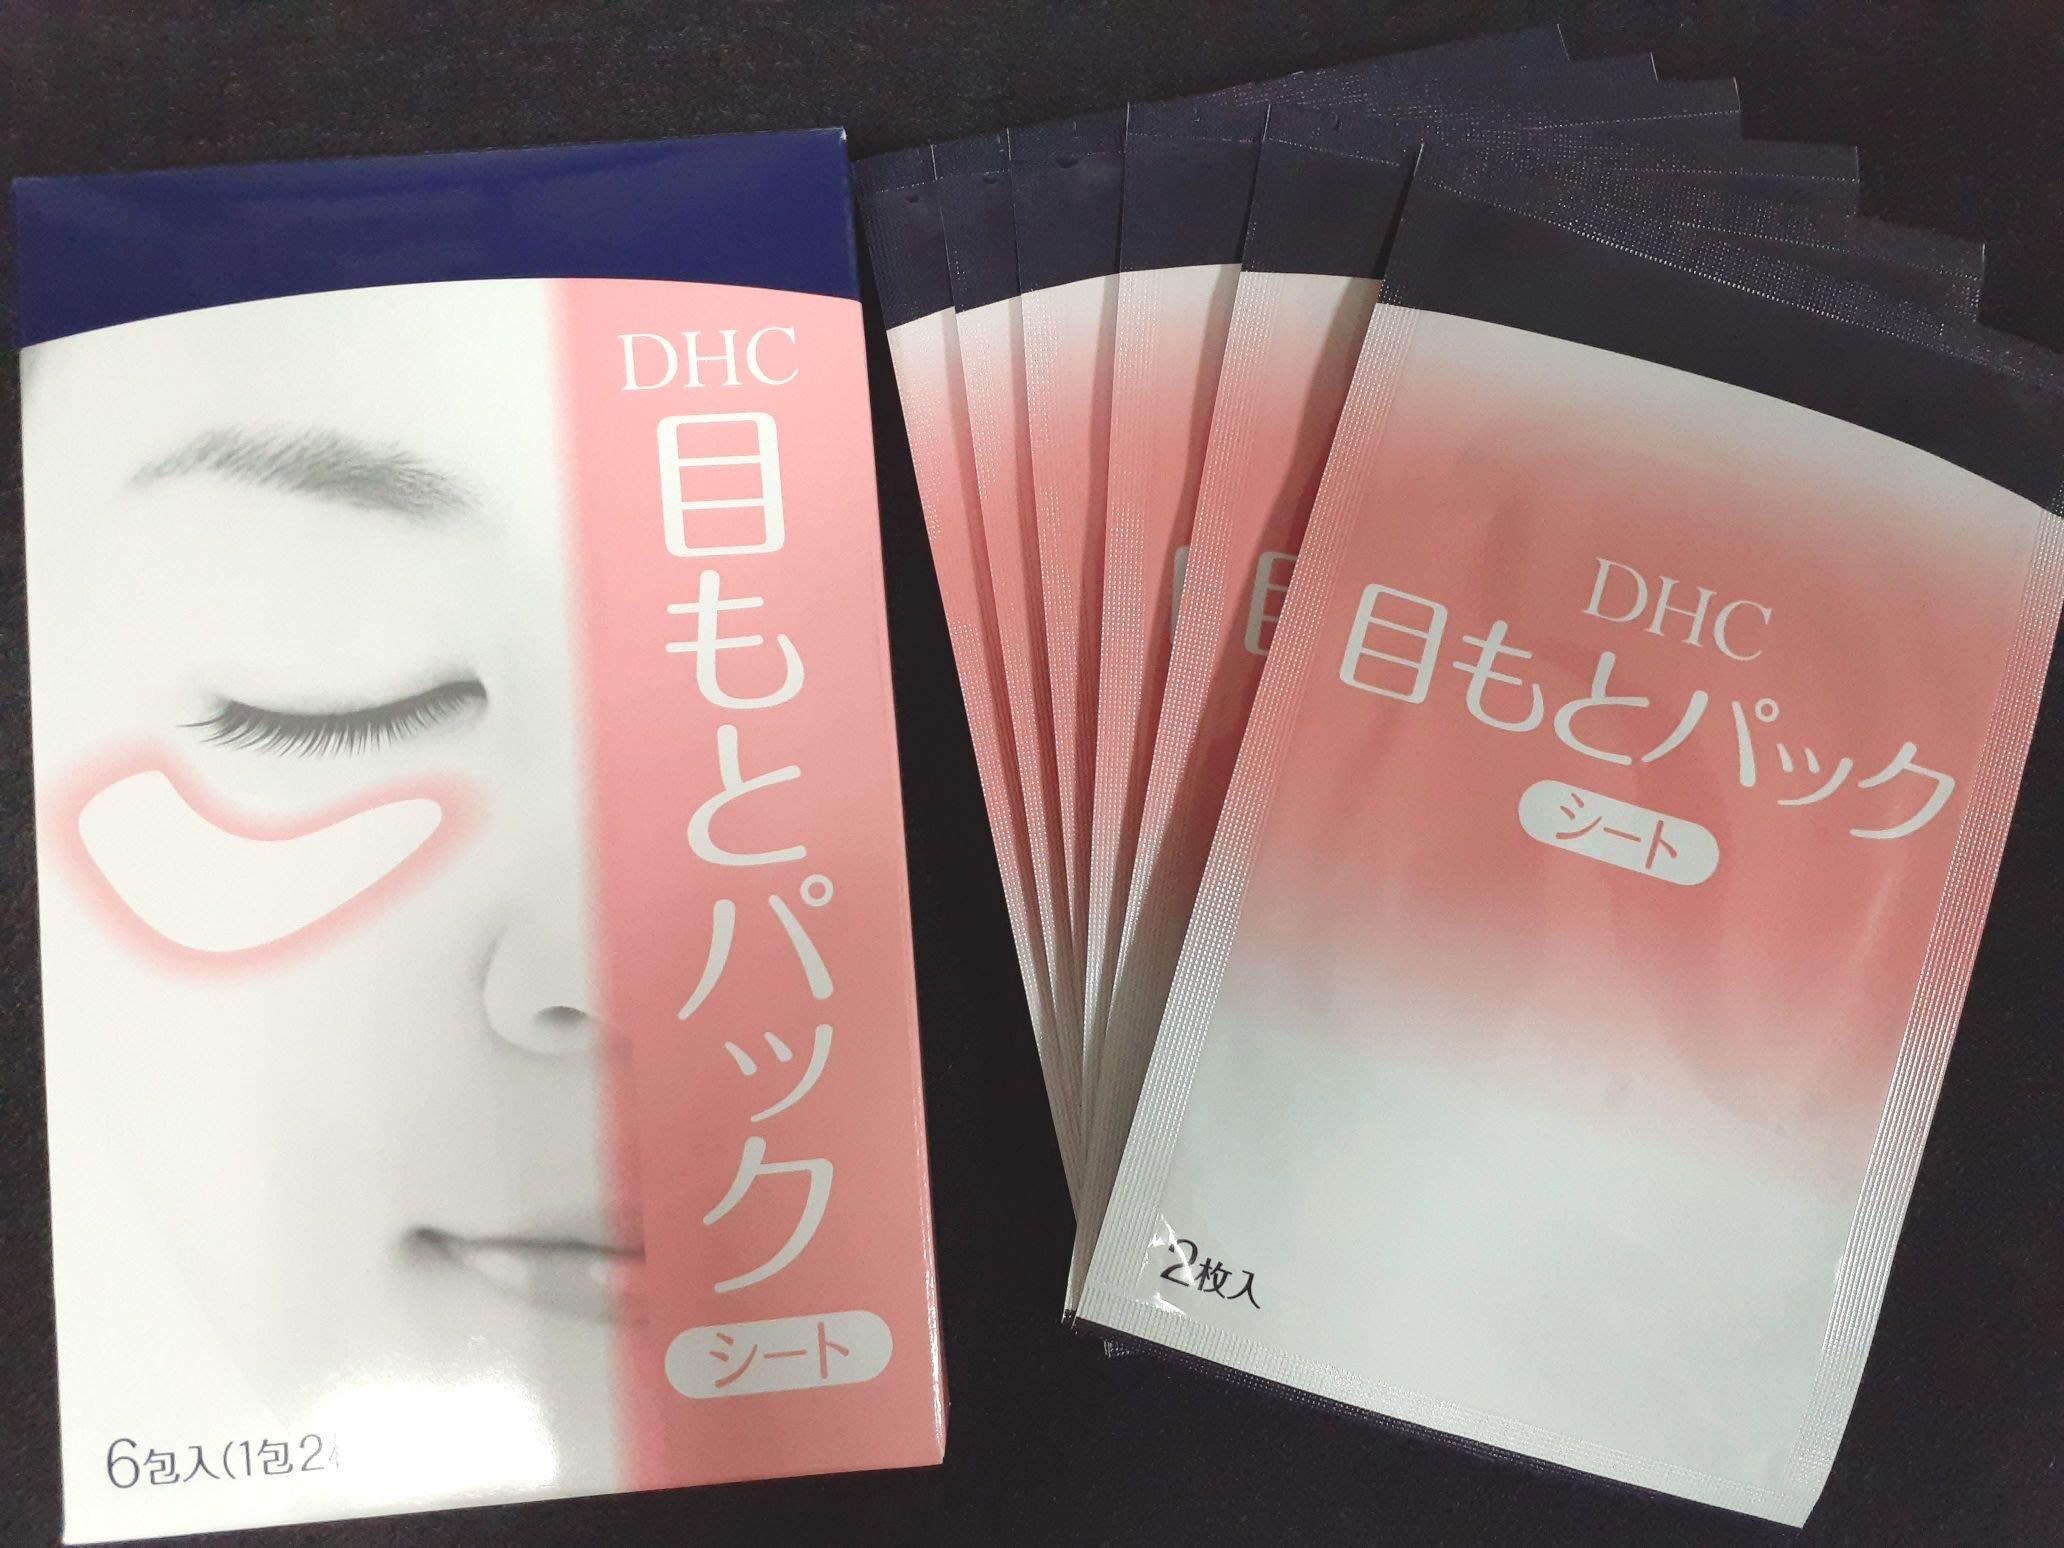 DHC 眼膜 現貨